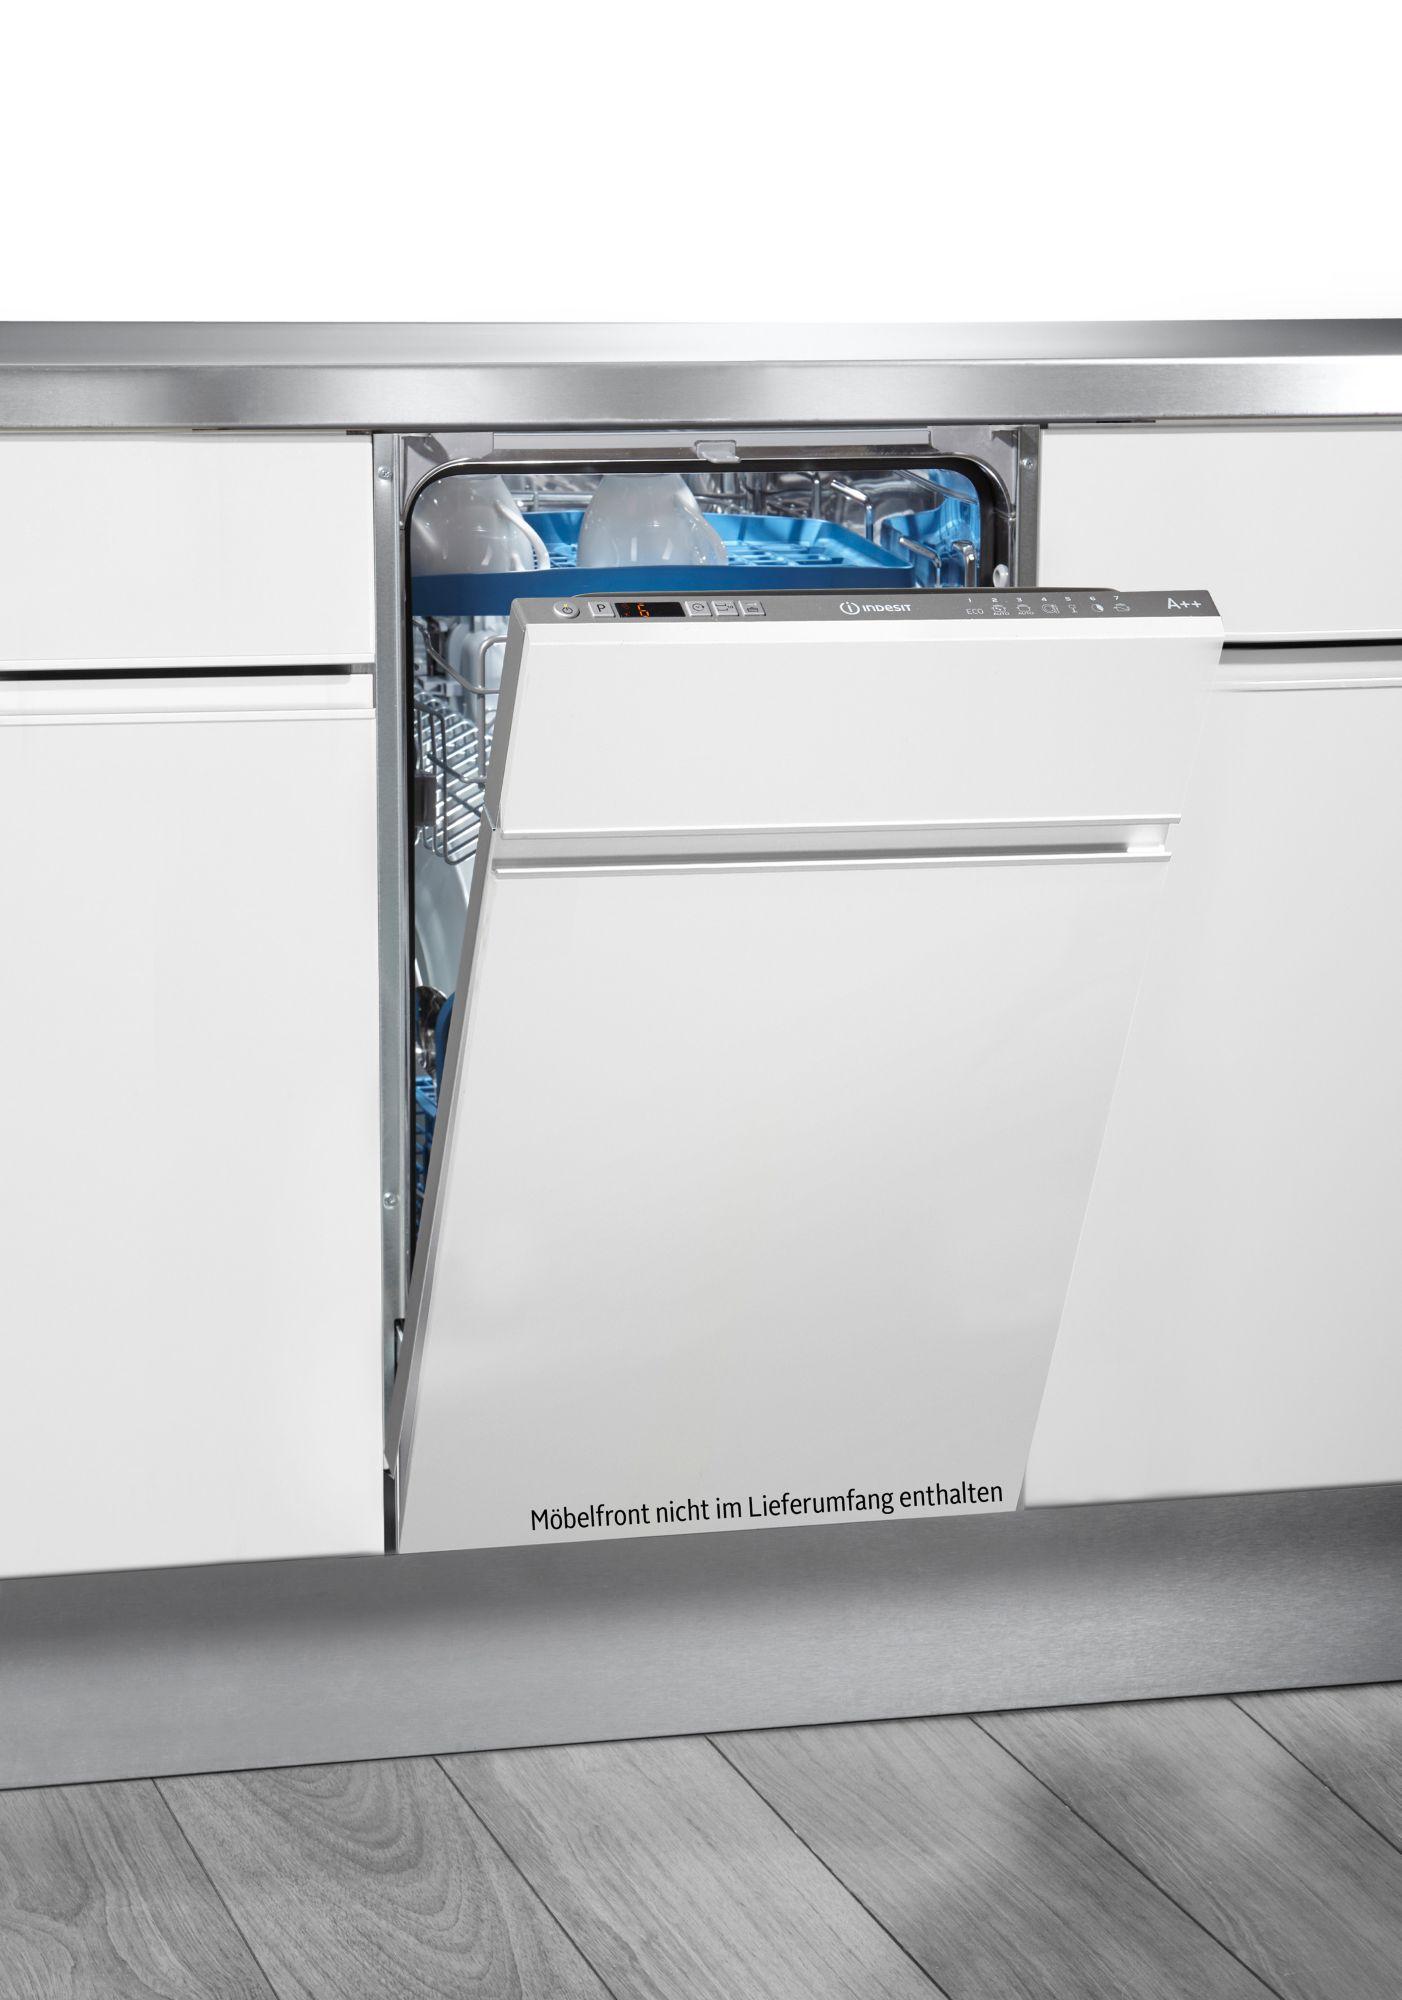 INDESIT Indesit vollintegrierbarer Einbau-Geschirrspüler DISR 57M94 CA EU, A++, 9 Liter